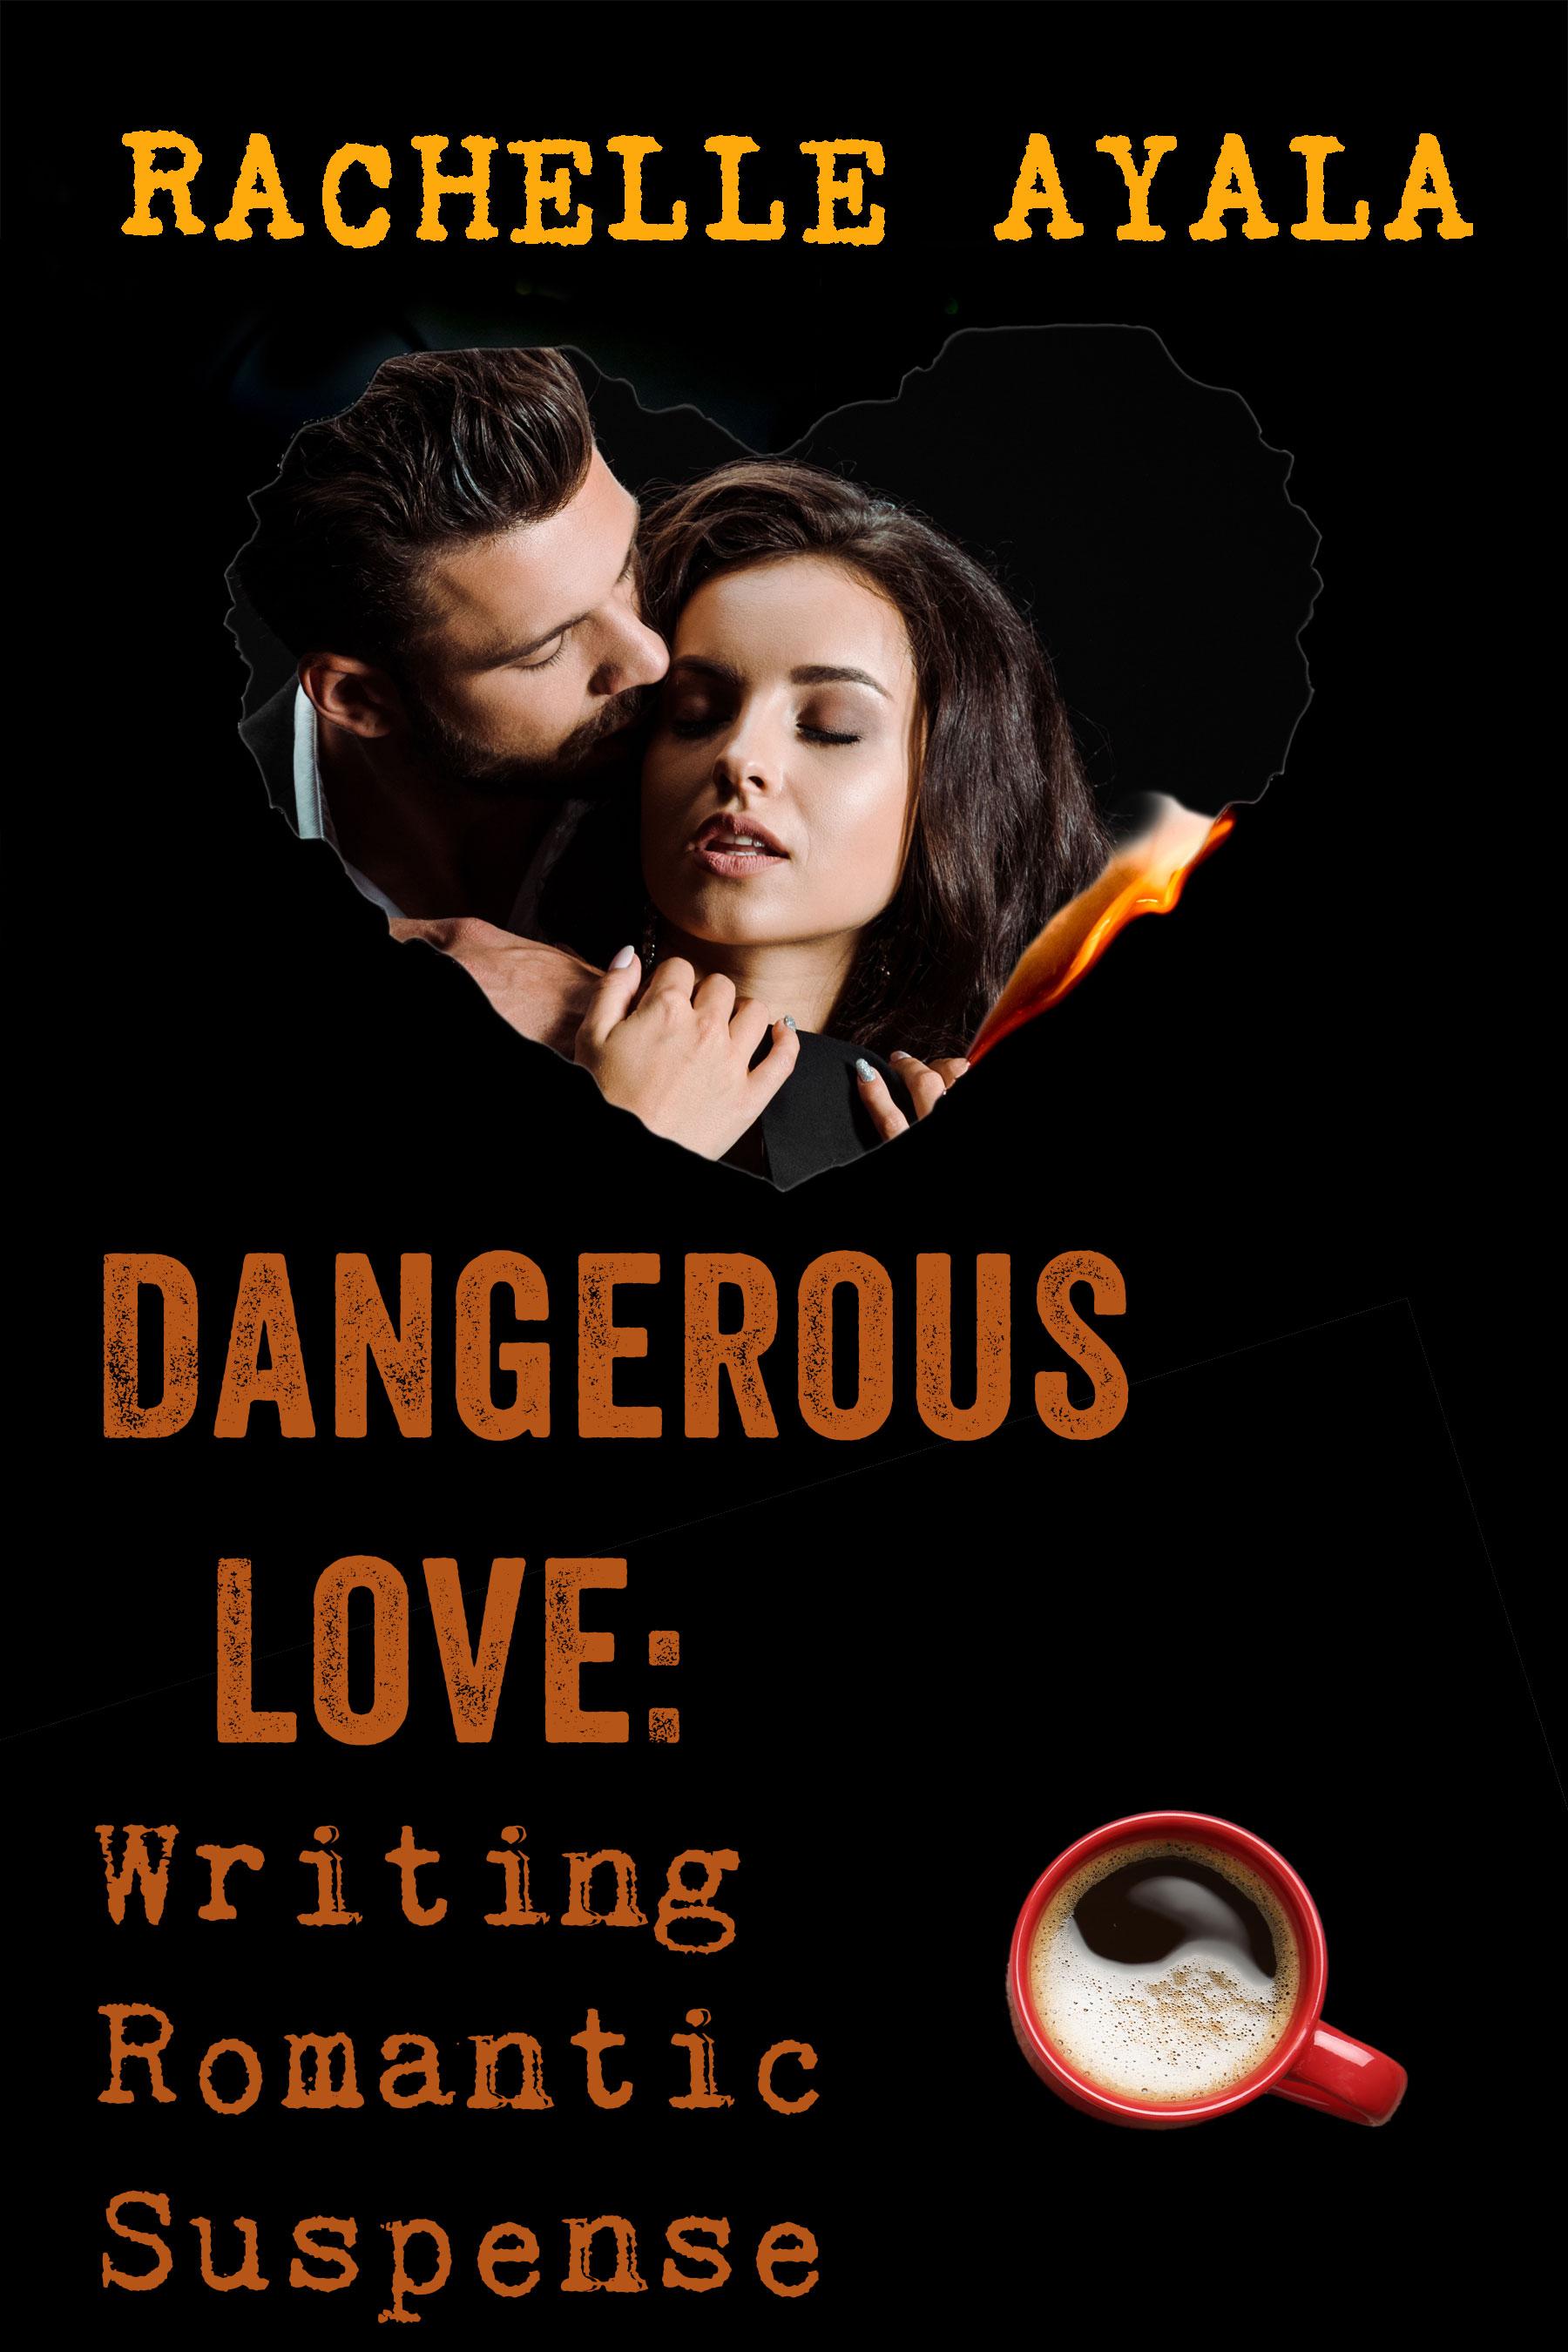 Dangerous love: writing a romantic suspense